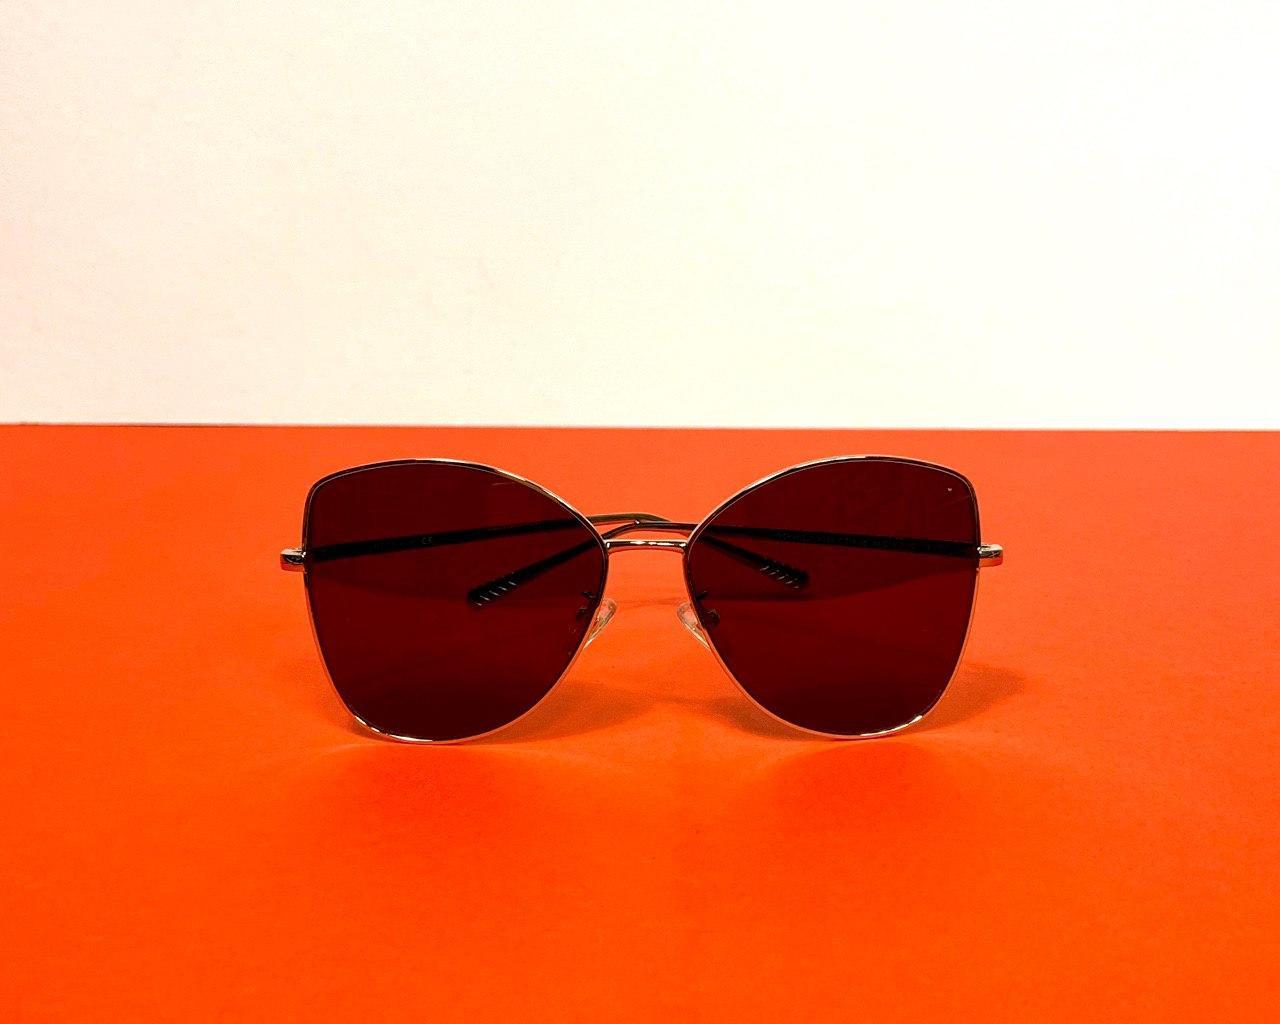 Солнцезащитные очки женские C*anel (Шан*ль) арт. 106-13